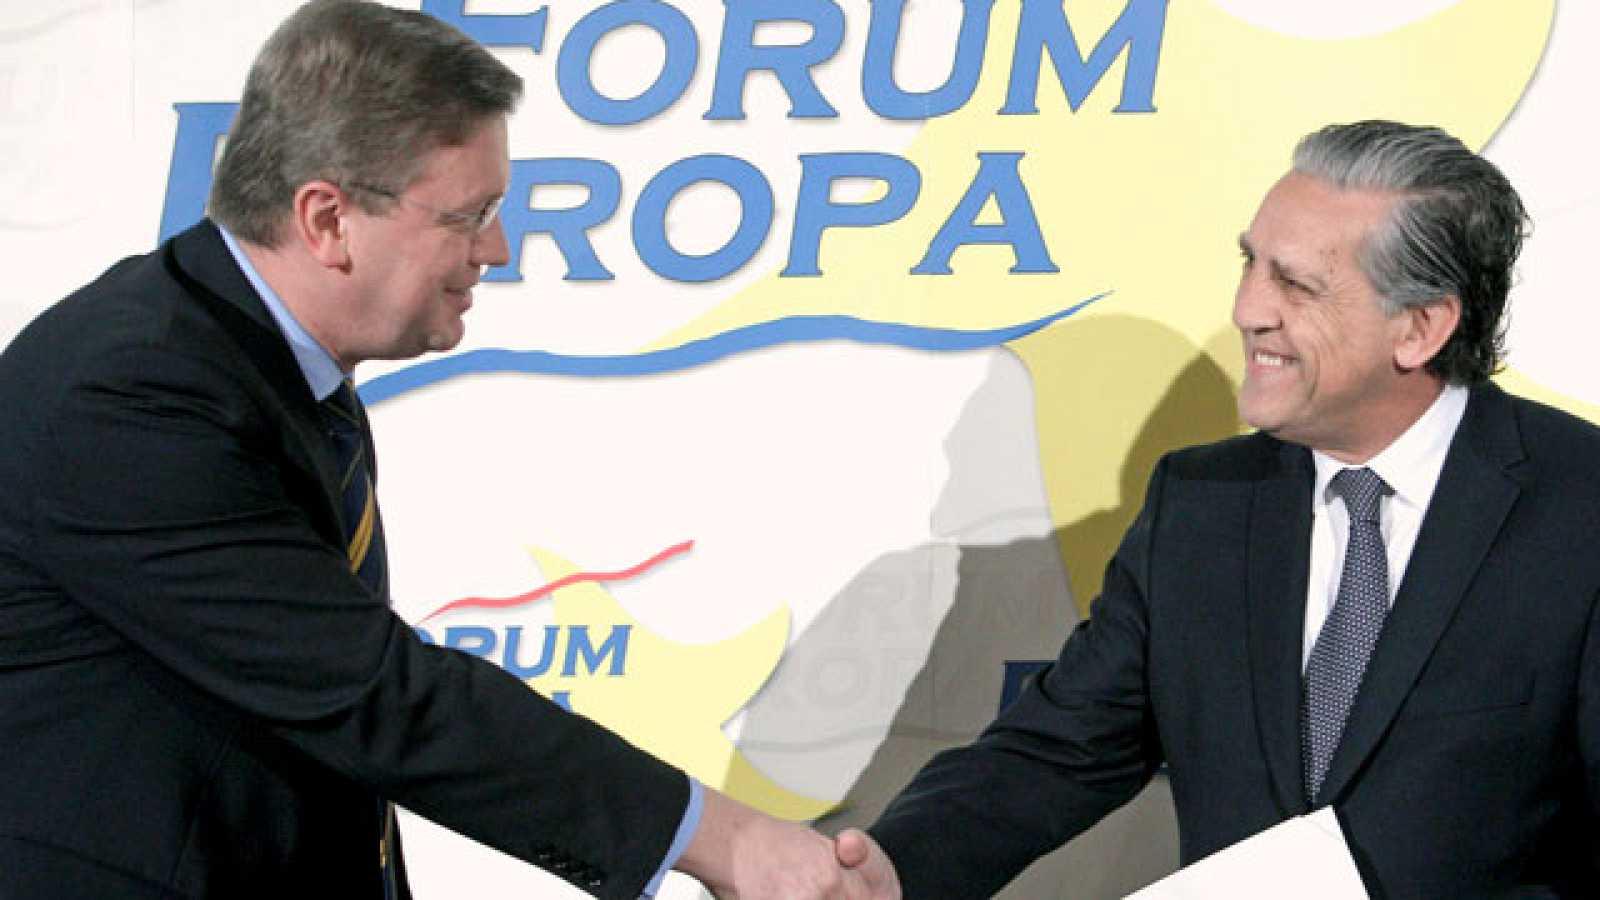 """El secretario de Estado para la Unión Europea Diego López Garrido señala que España es """"una economía muy distinta"""" de Portugal y señala la fortaleza de España después de las medidas que se están llevando a cabo"""